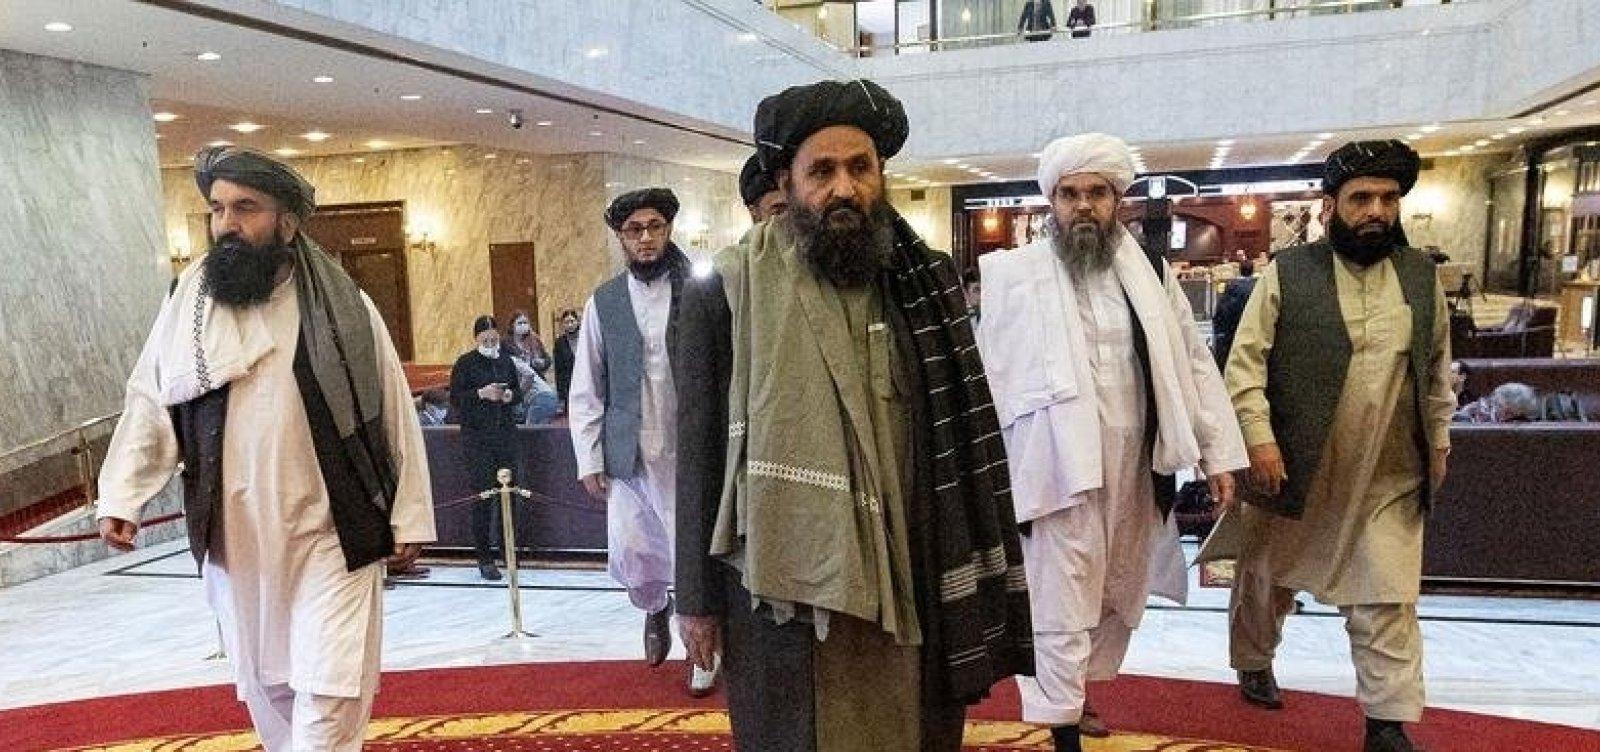 Após 20 anos fora do Afeganistão, líder político do Talibã volta do exílio